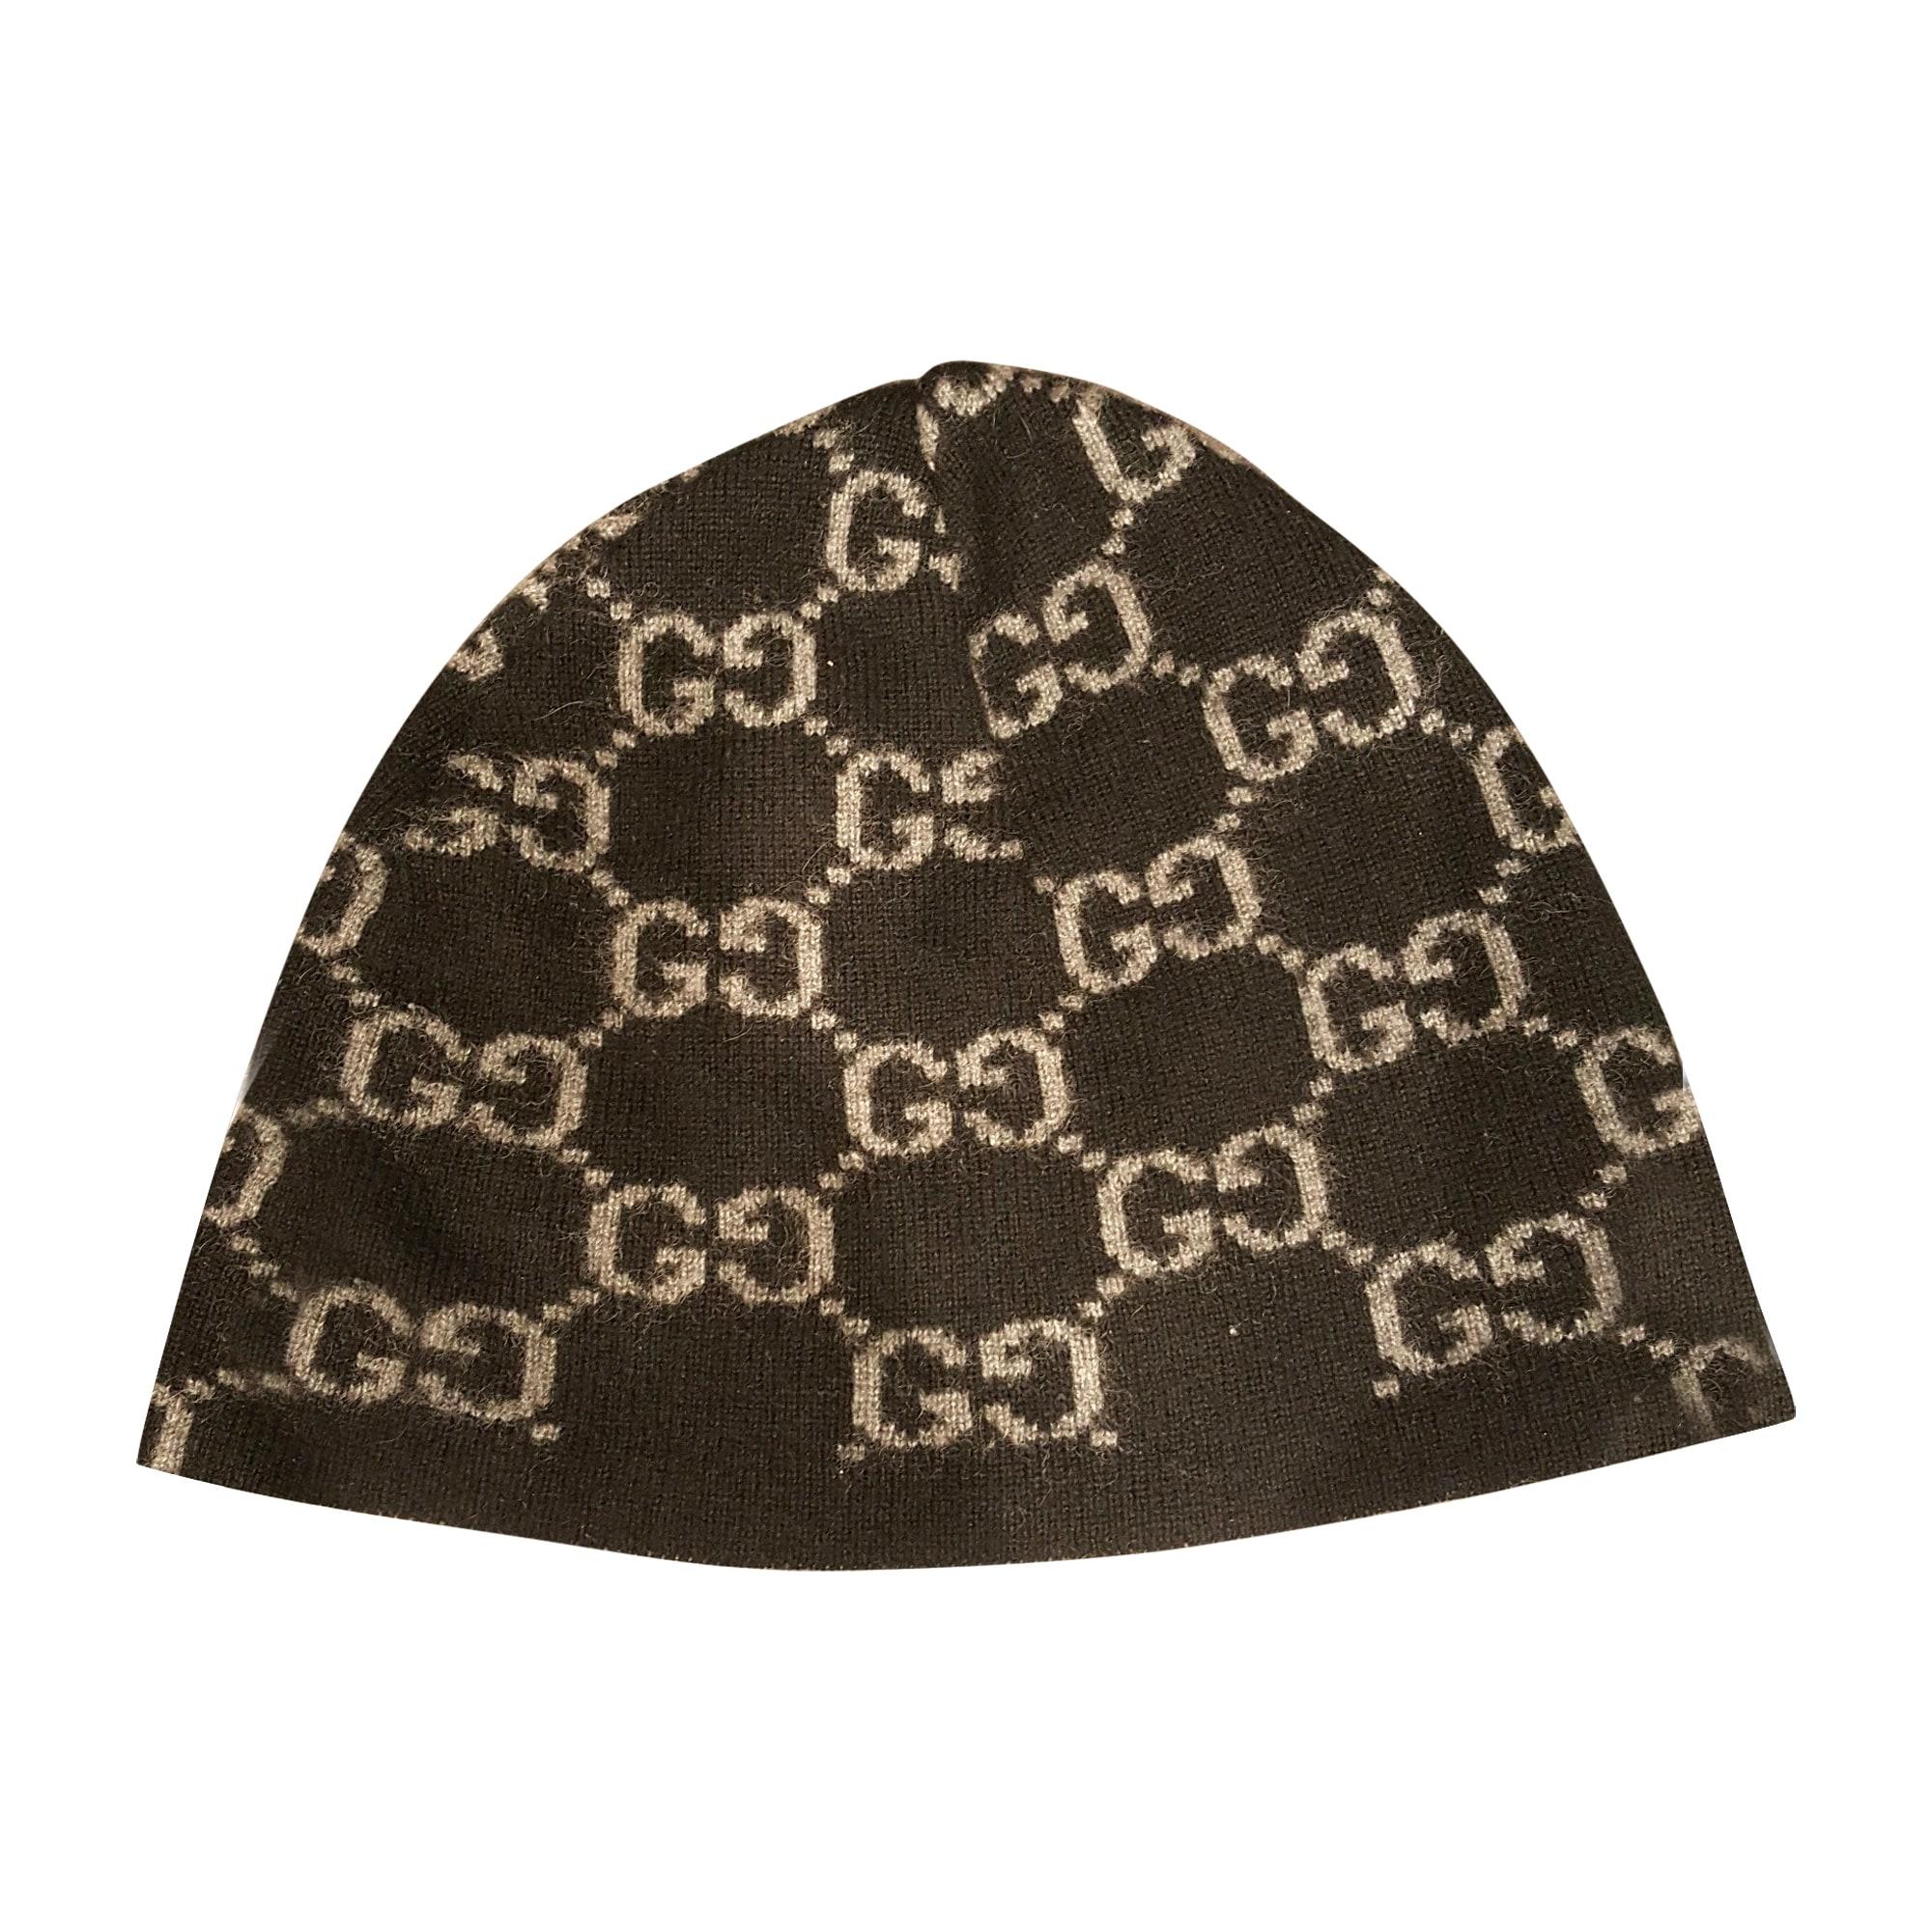 Bonnet GUCCI Taille unique noir vendu par Max 1856 - 6037950 86a50a8da72